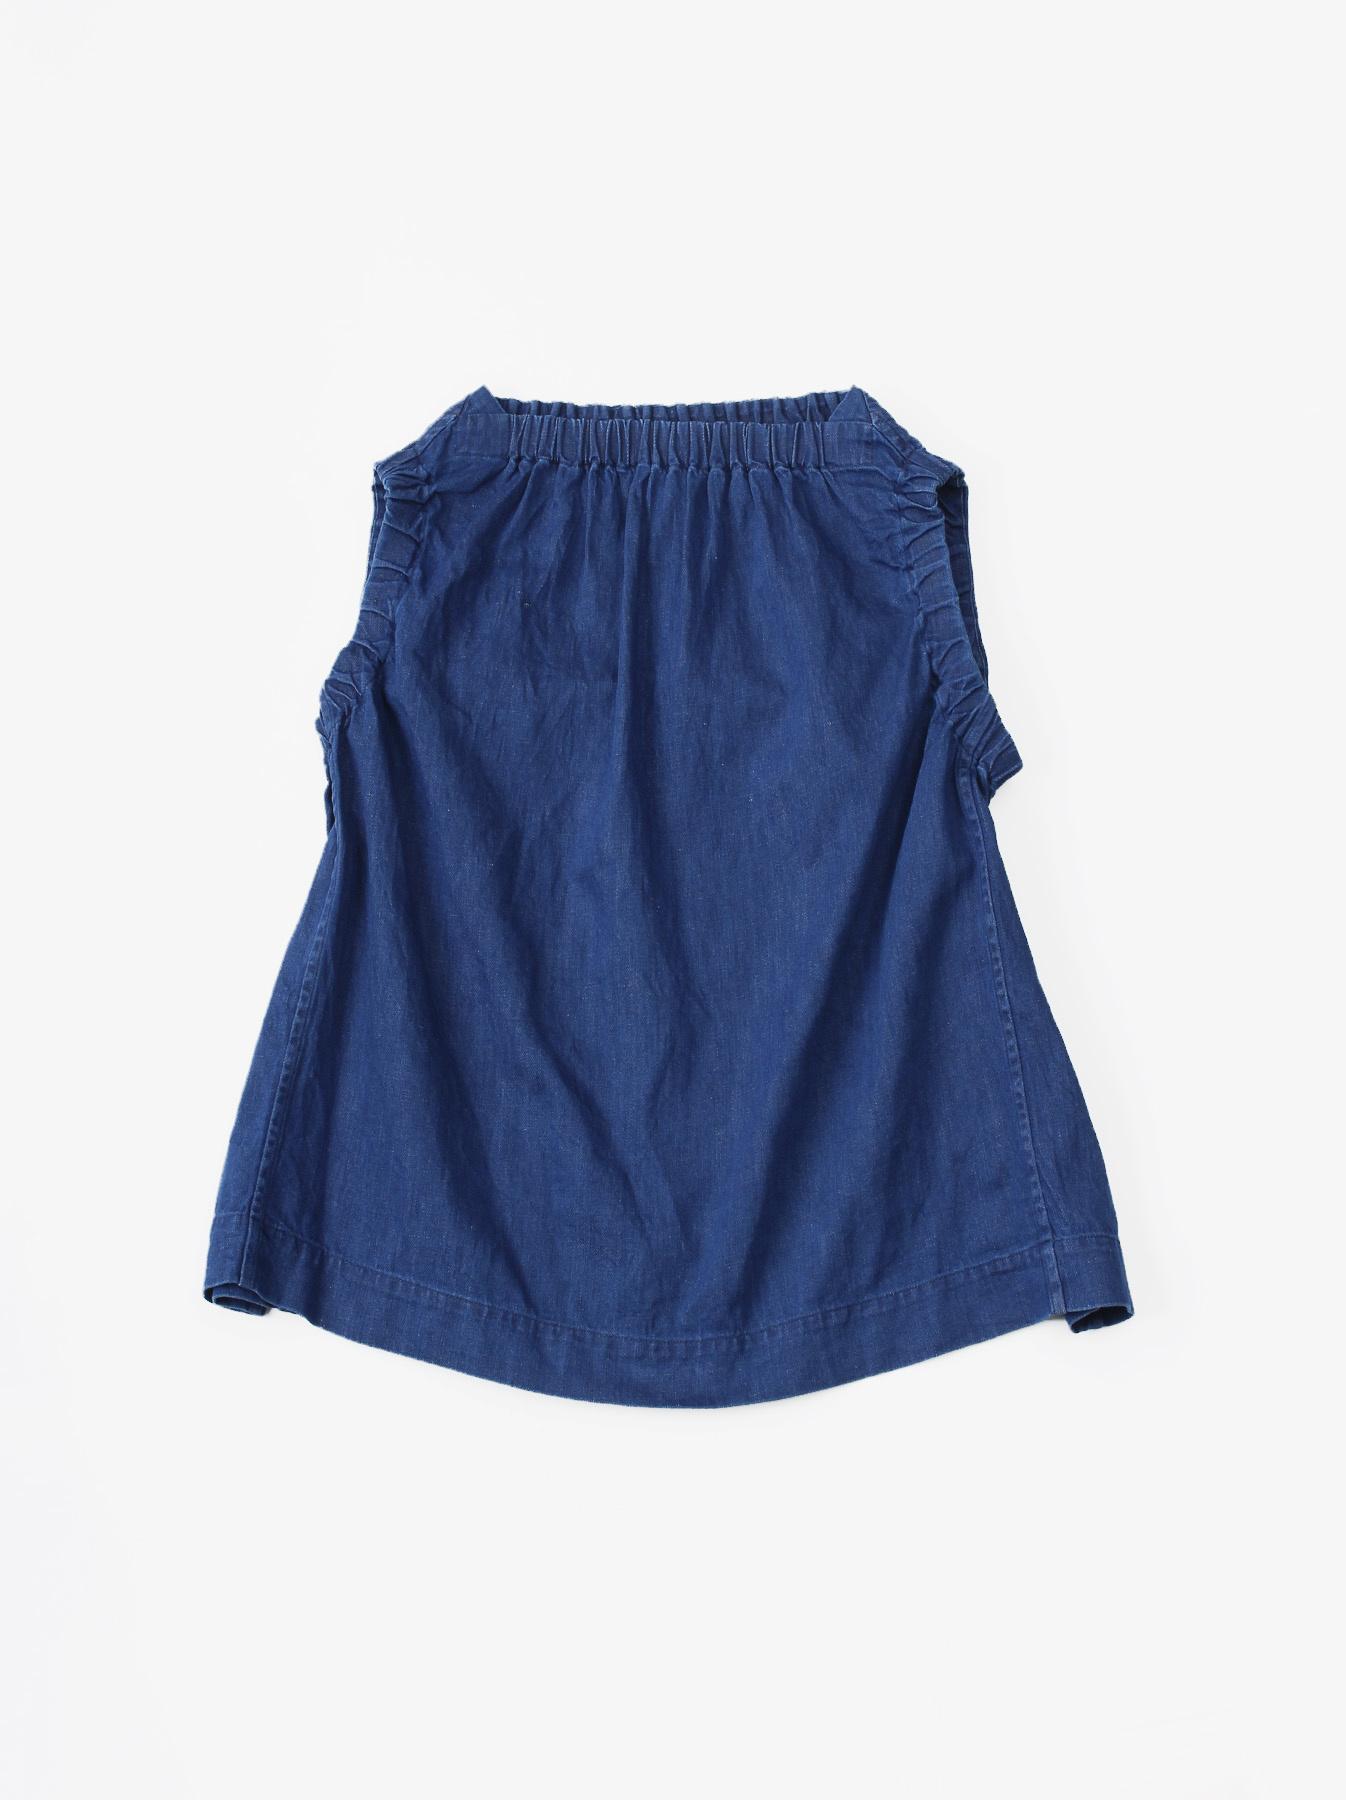 WH Cotton-linen Denim Camisole-1